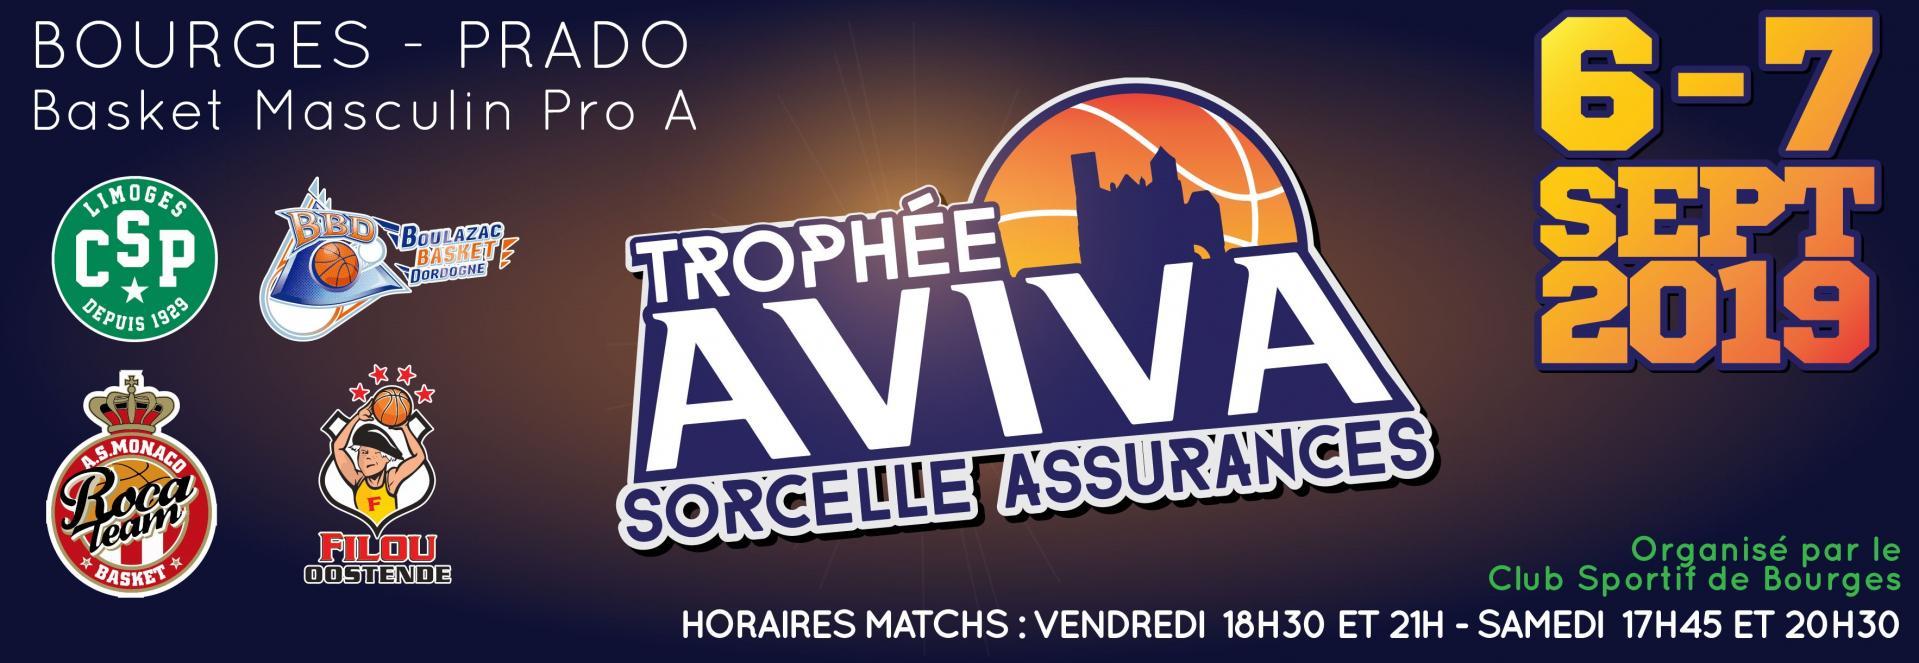 Trophee Aviva Sorcelle Assurances Club Sportif De Bourges